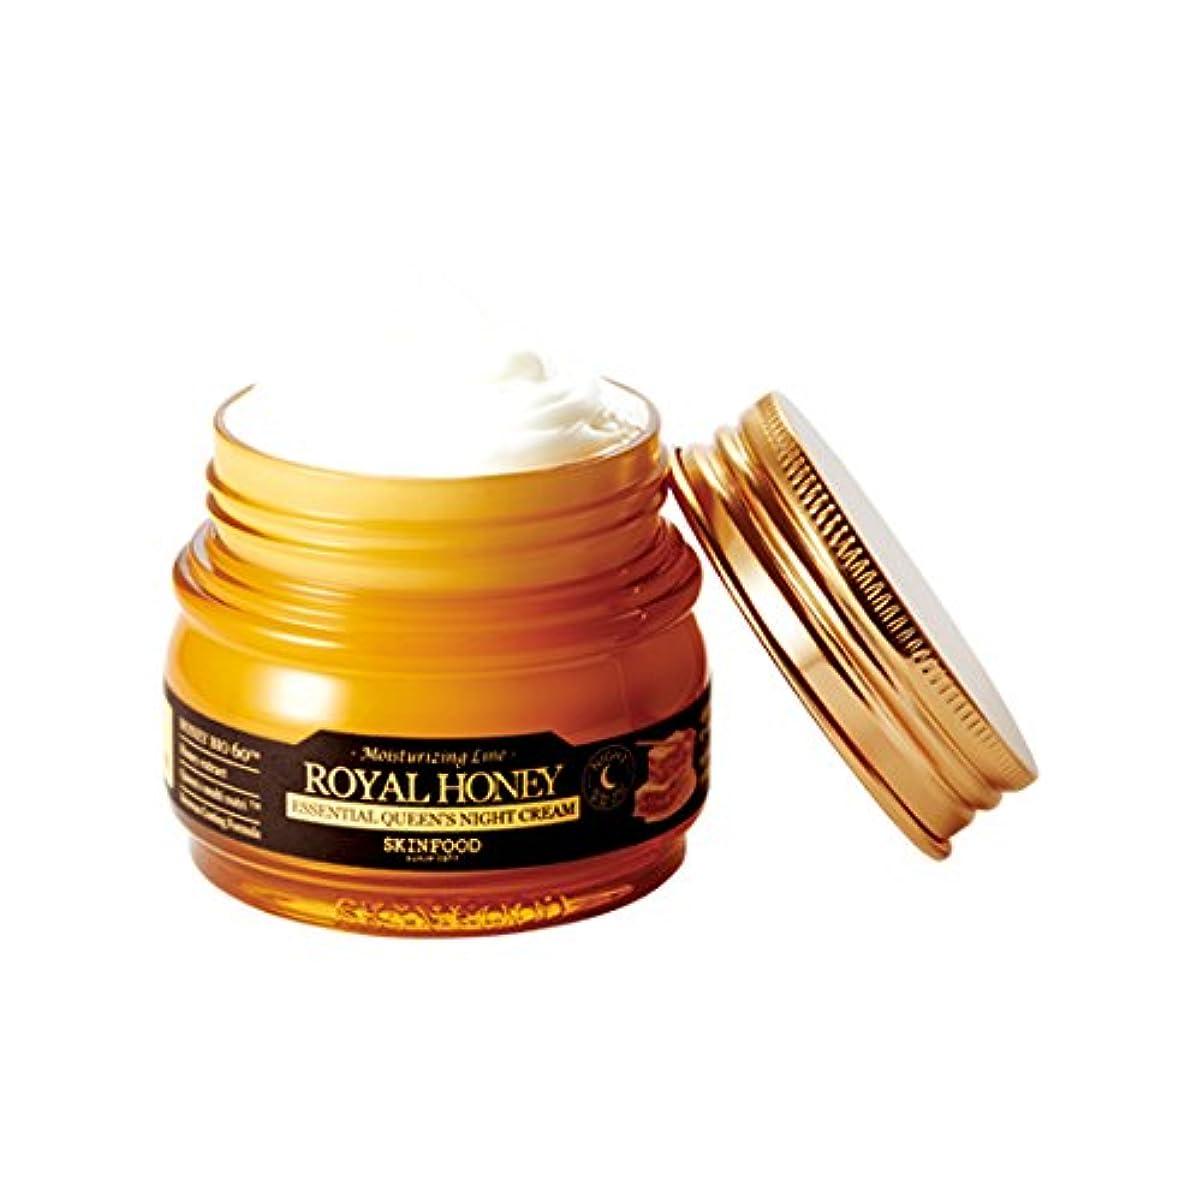 自慢つぼみパーティーSKINFOOD Royal Honey Essential Queen's Night Cream 63ml / スキンフード ロイヤルハニーエッセンシャルクイーンズナイトクリーム 63ml [並行輸入品]